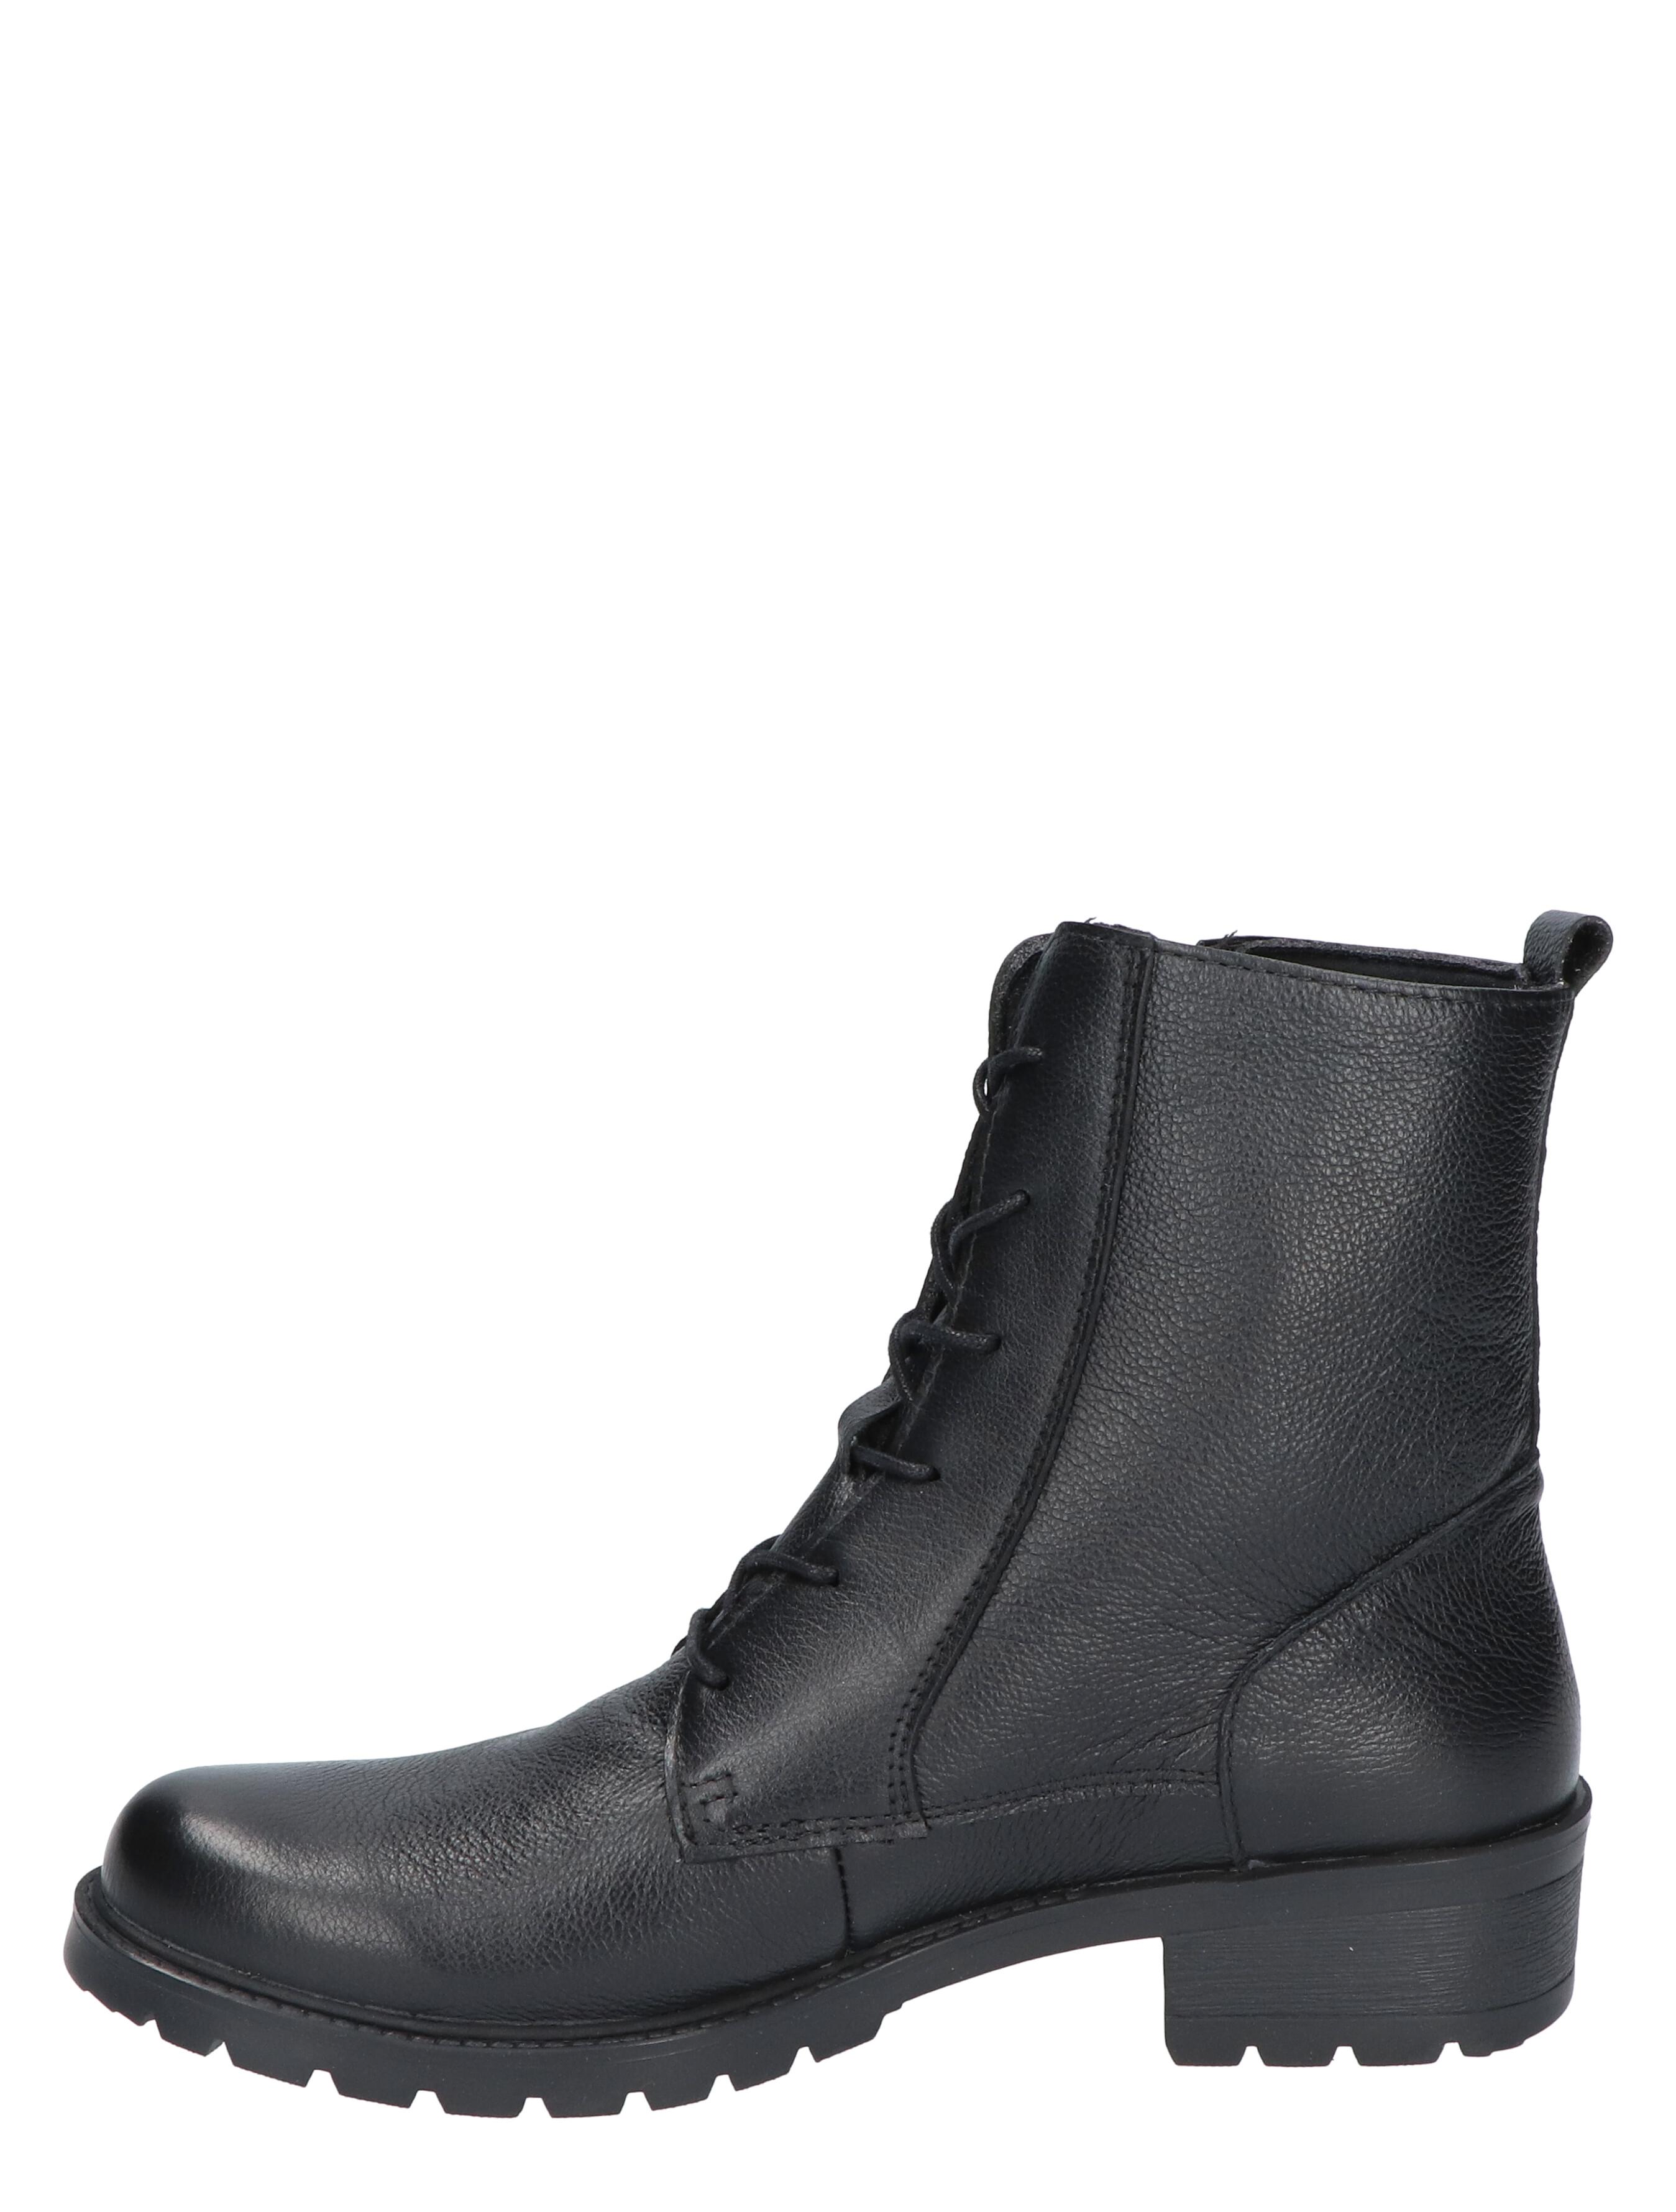 Cypres Comfort Noan Black Floater G+ Wijdte Veter boots